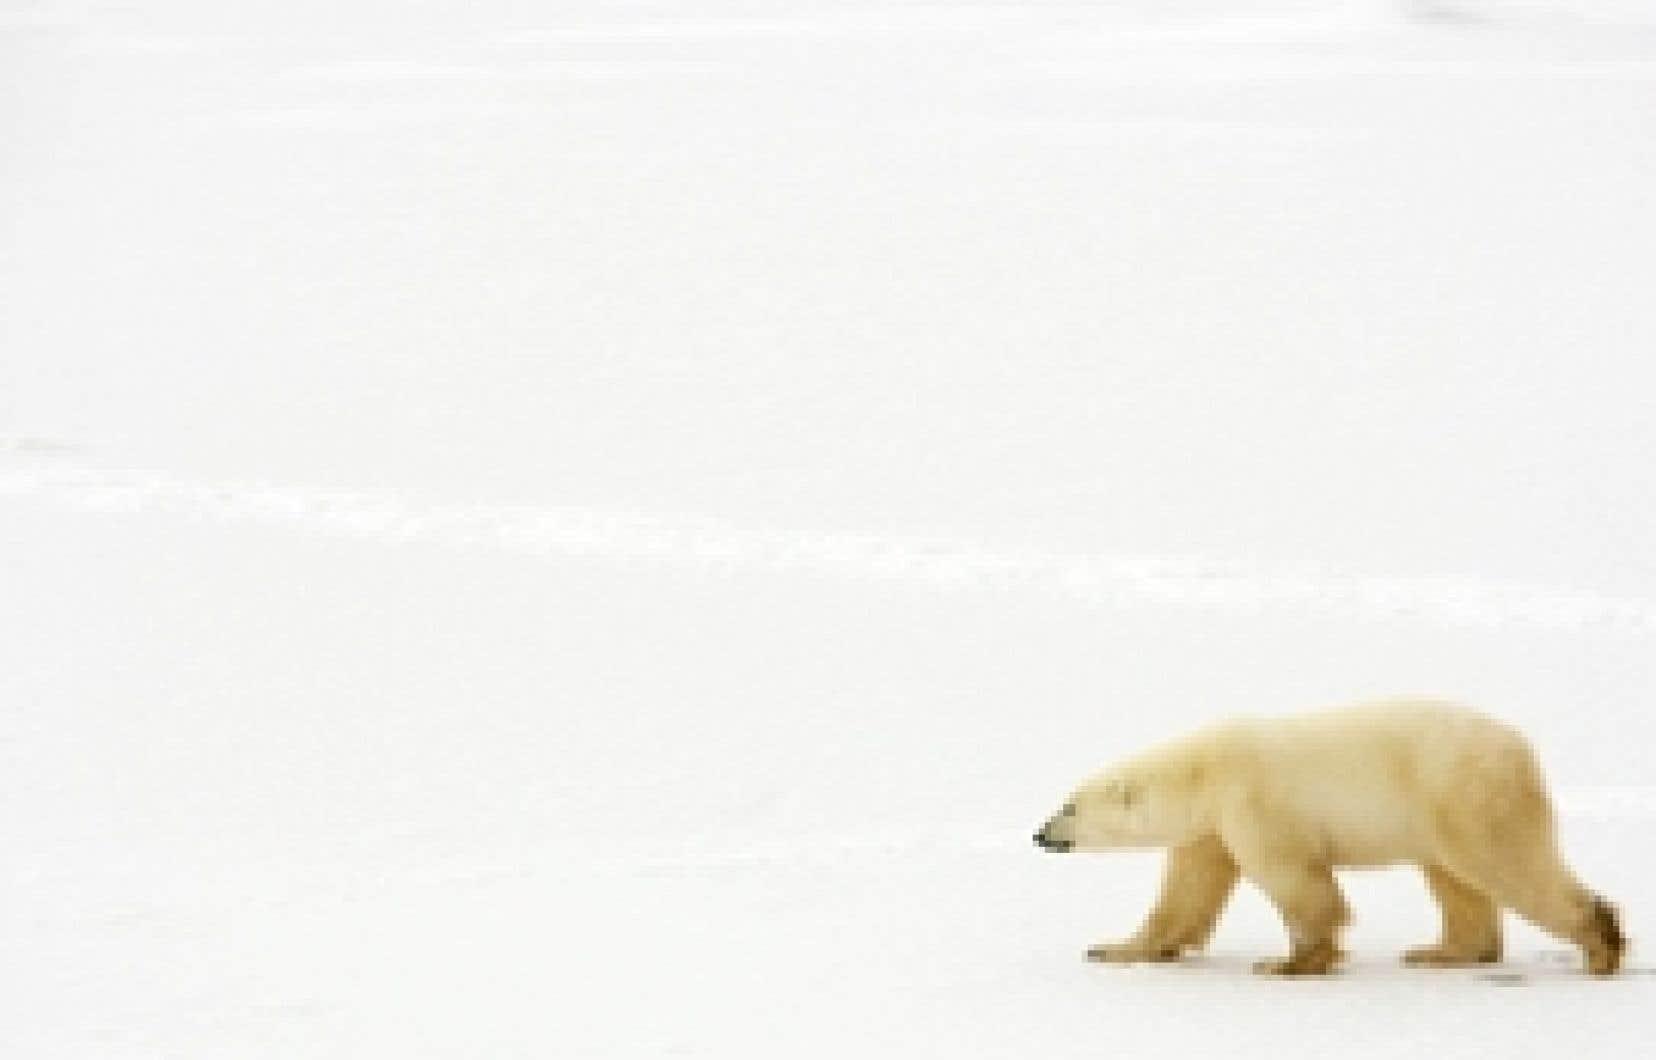 La population d'ours polaires de la région Baffin-Groenland a subi un recul de près de 30 % en une décennie, ce qui est énorme et pose un problème de survie du troupeau compte tenu du faible taux de reproduction des ours et de leur grande longévi